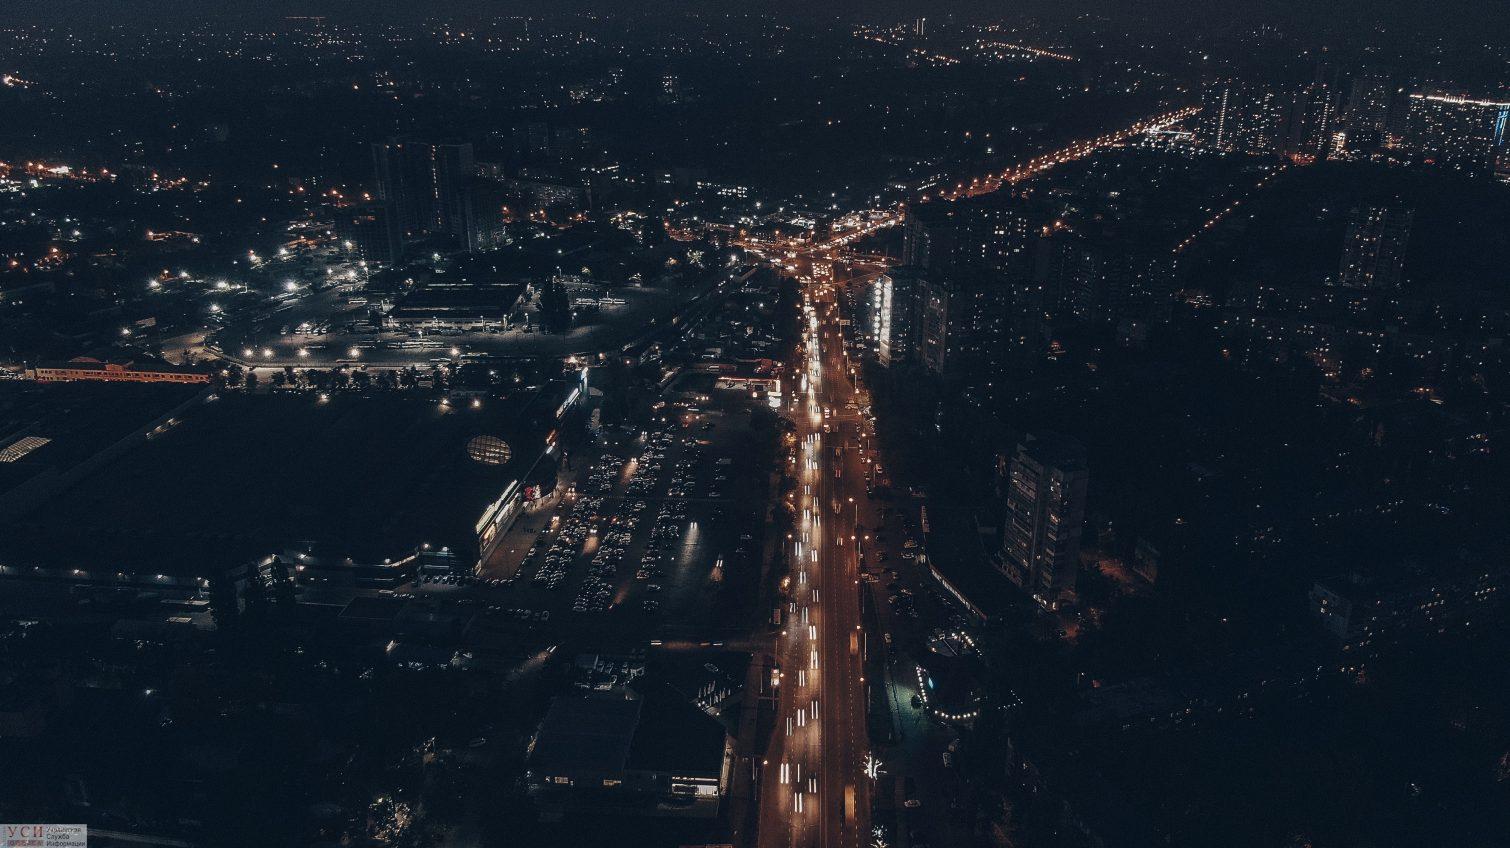 Одесса опередила Лондон и Нью-Йорк по загруженности дорог «фото»